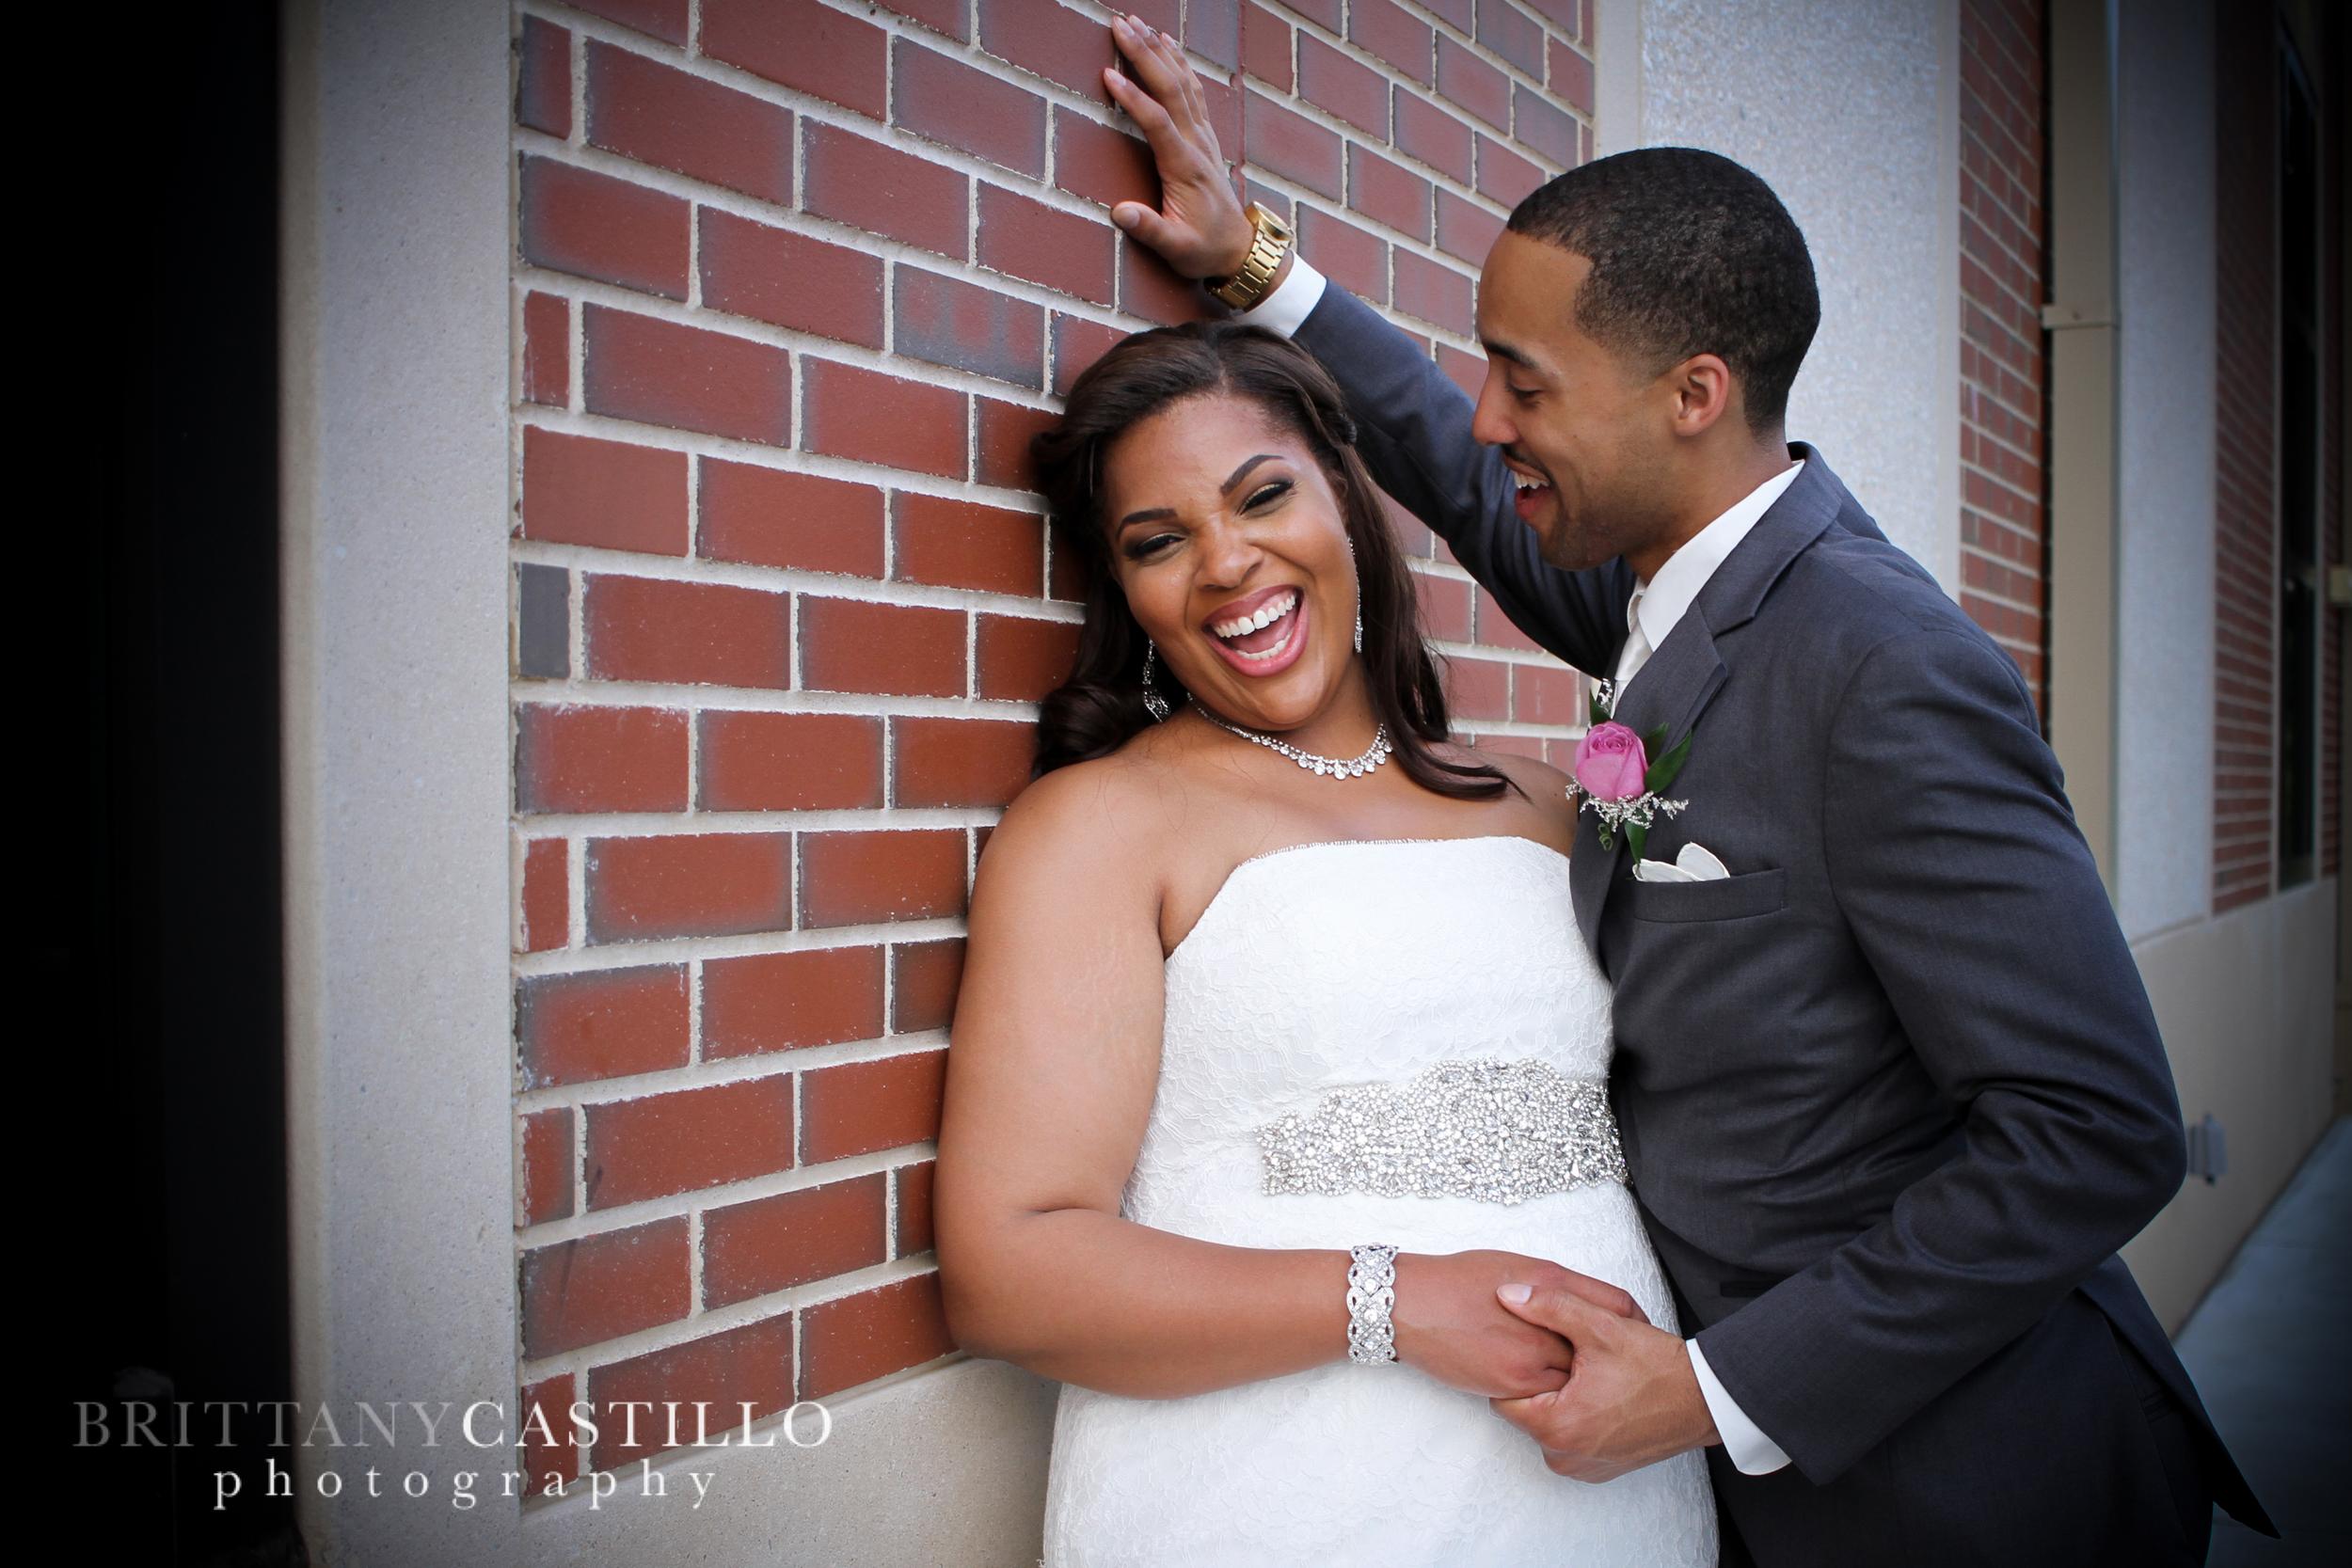 Danielle Williams WM Wedding (1 of 1)-2.jpg